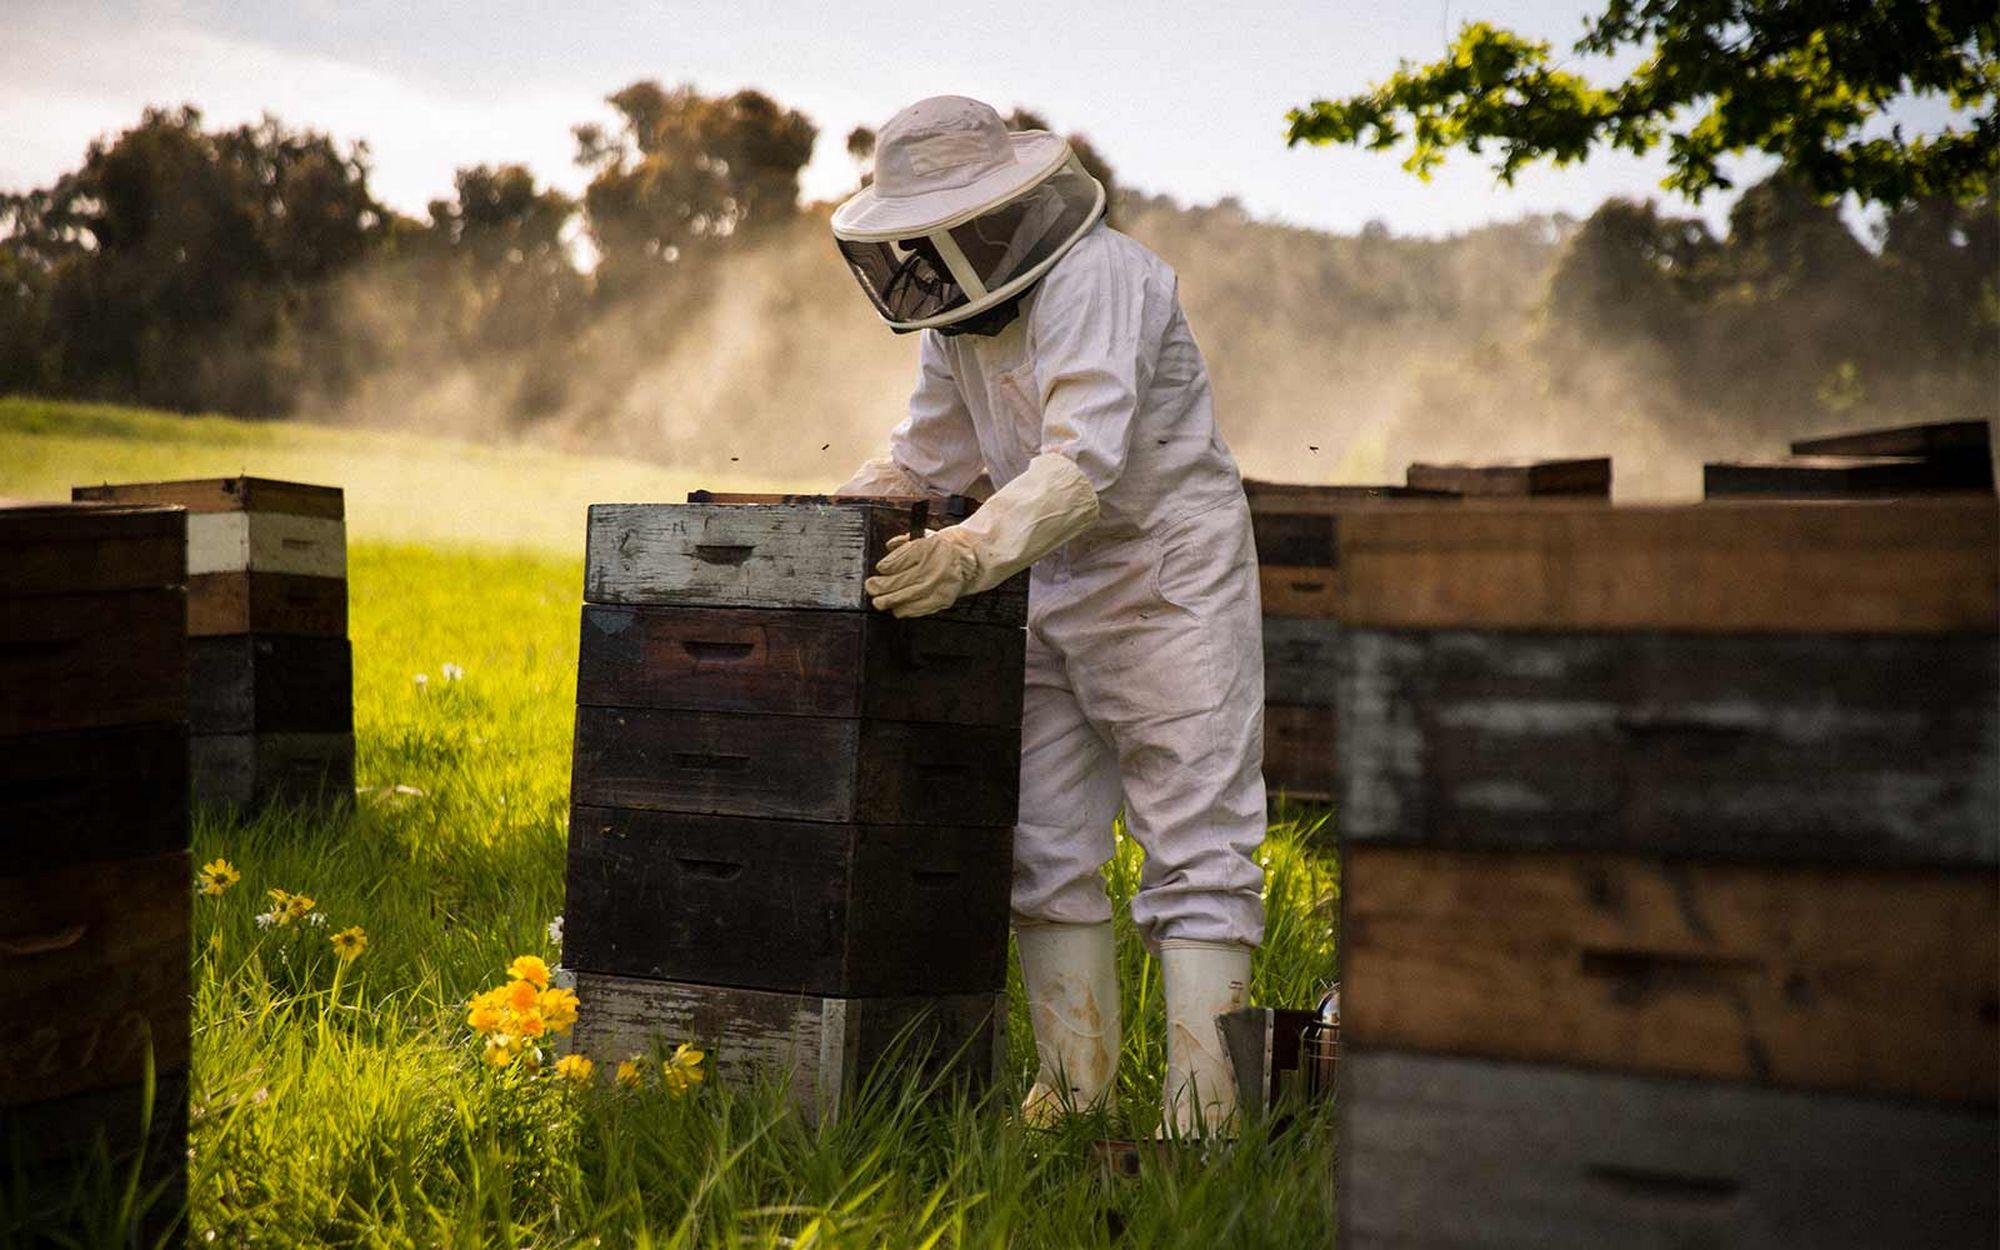 ruche chez soi meilleur top astuces pour avoir une confiance en soi avoir une ruche chez soi. Black Bedroom Furniture Sets. Home Design Ideas